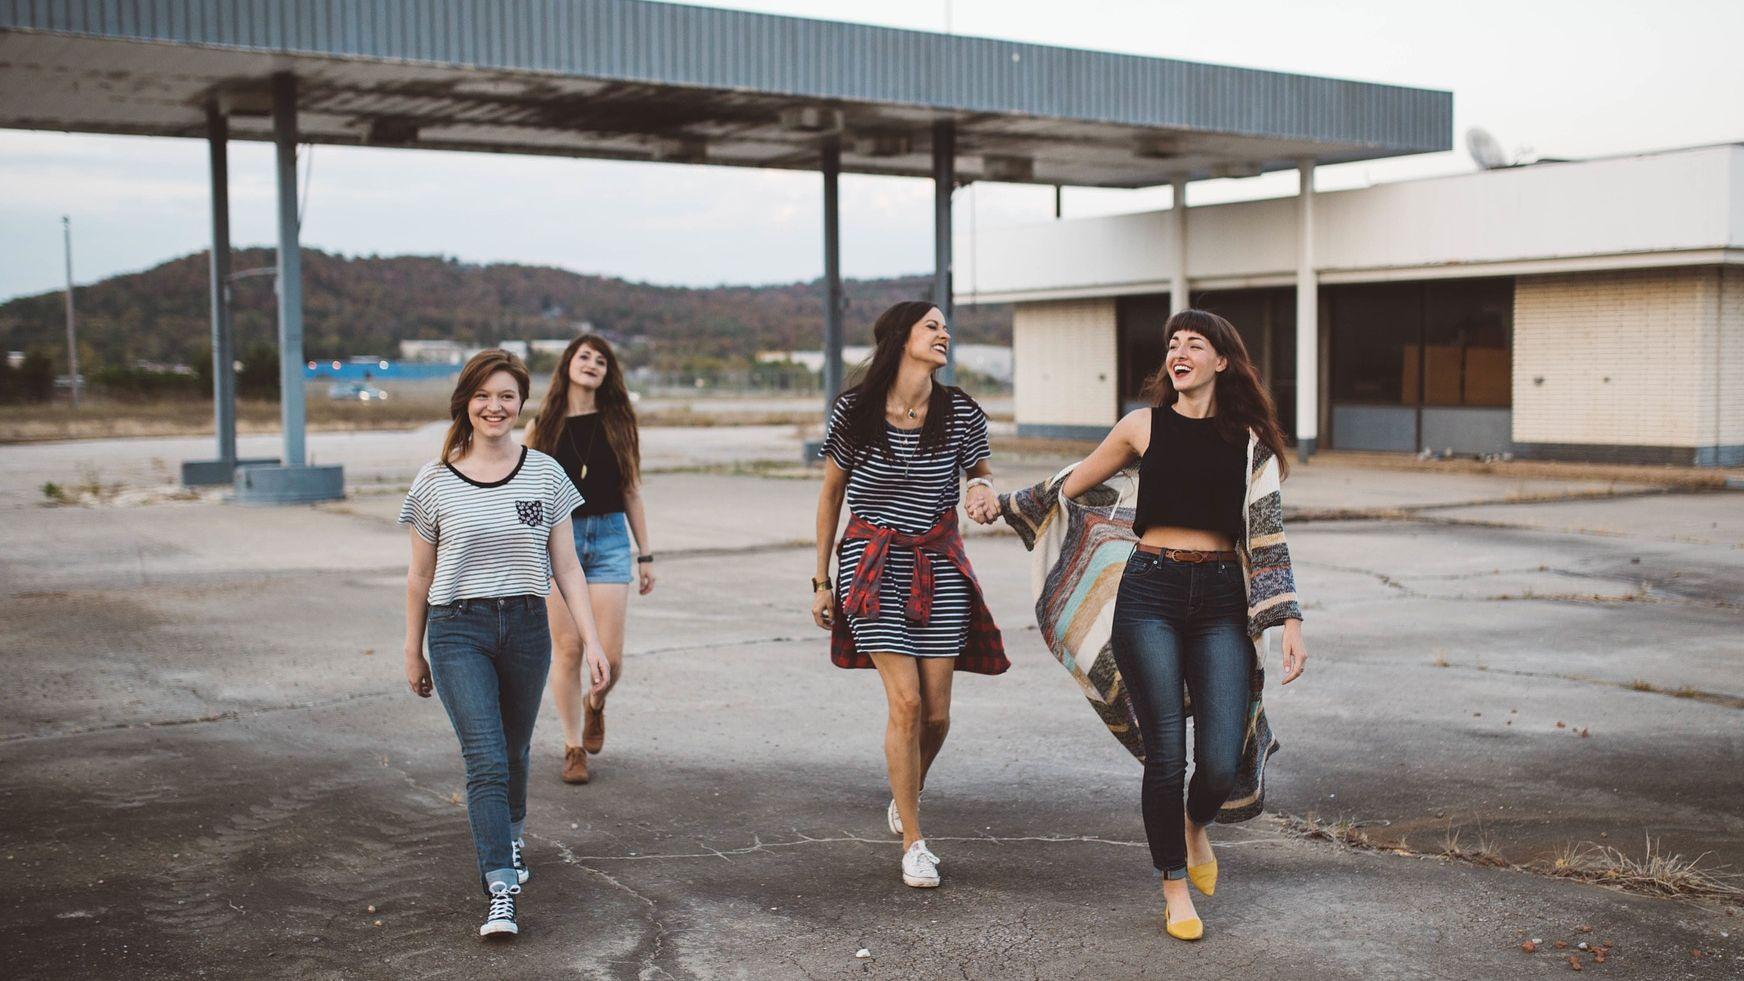 Themenspecial Generation Z: Warum für die Generation Z offline nicht zu ersetzen ist